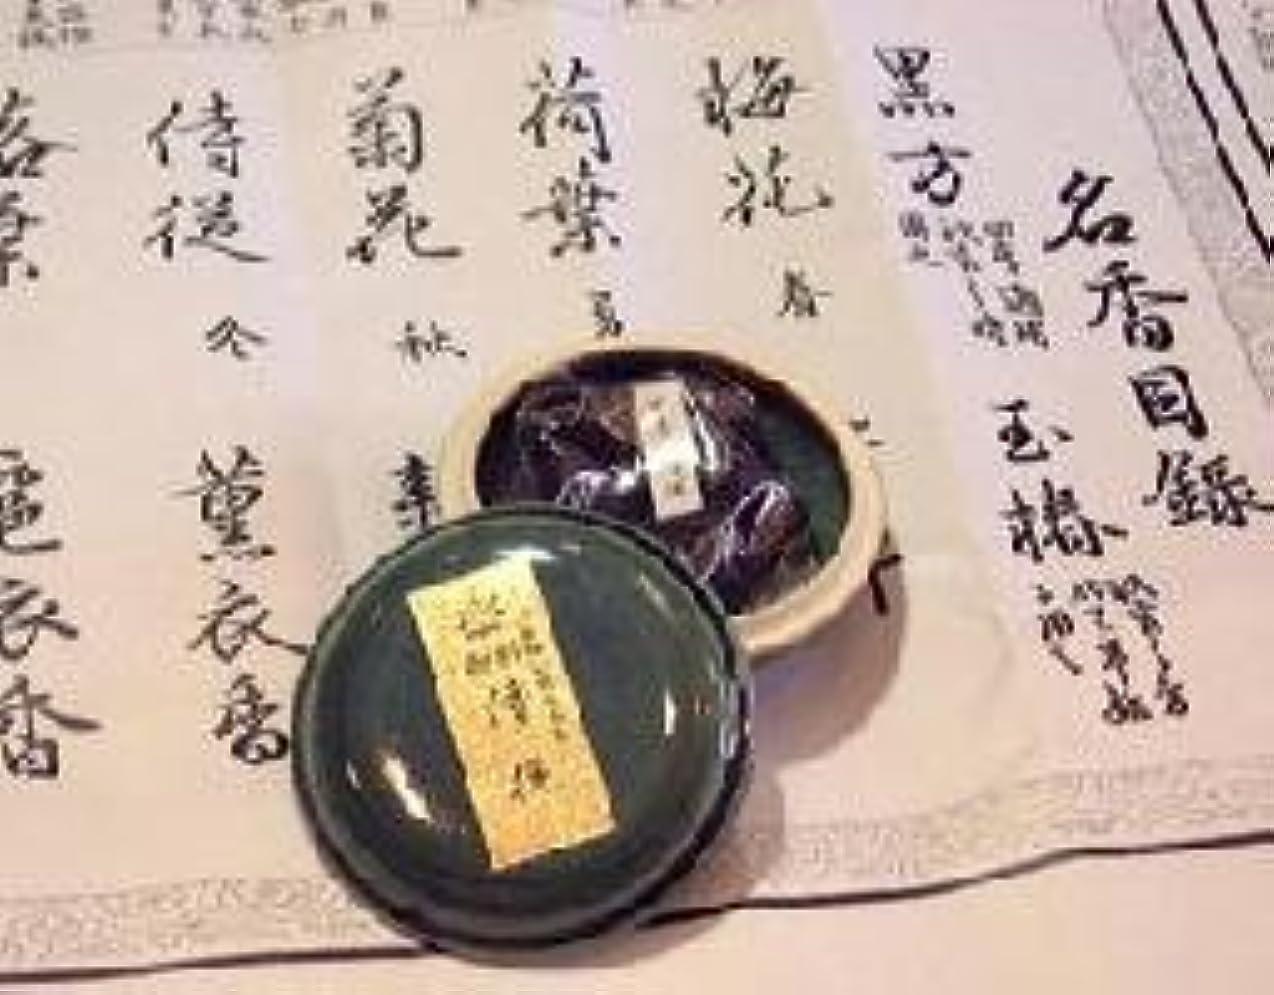 アウタービット石の鳩居堂の煉香 御香 侍従 桐箱 たと紙 陶器香合11g入 #505